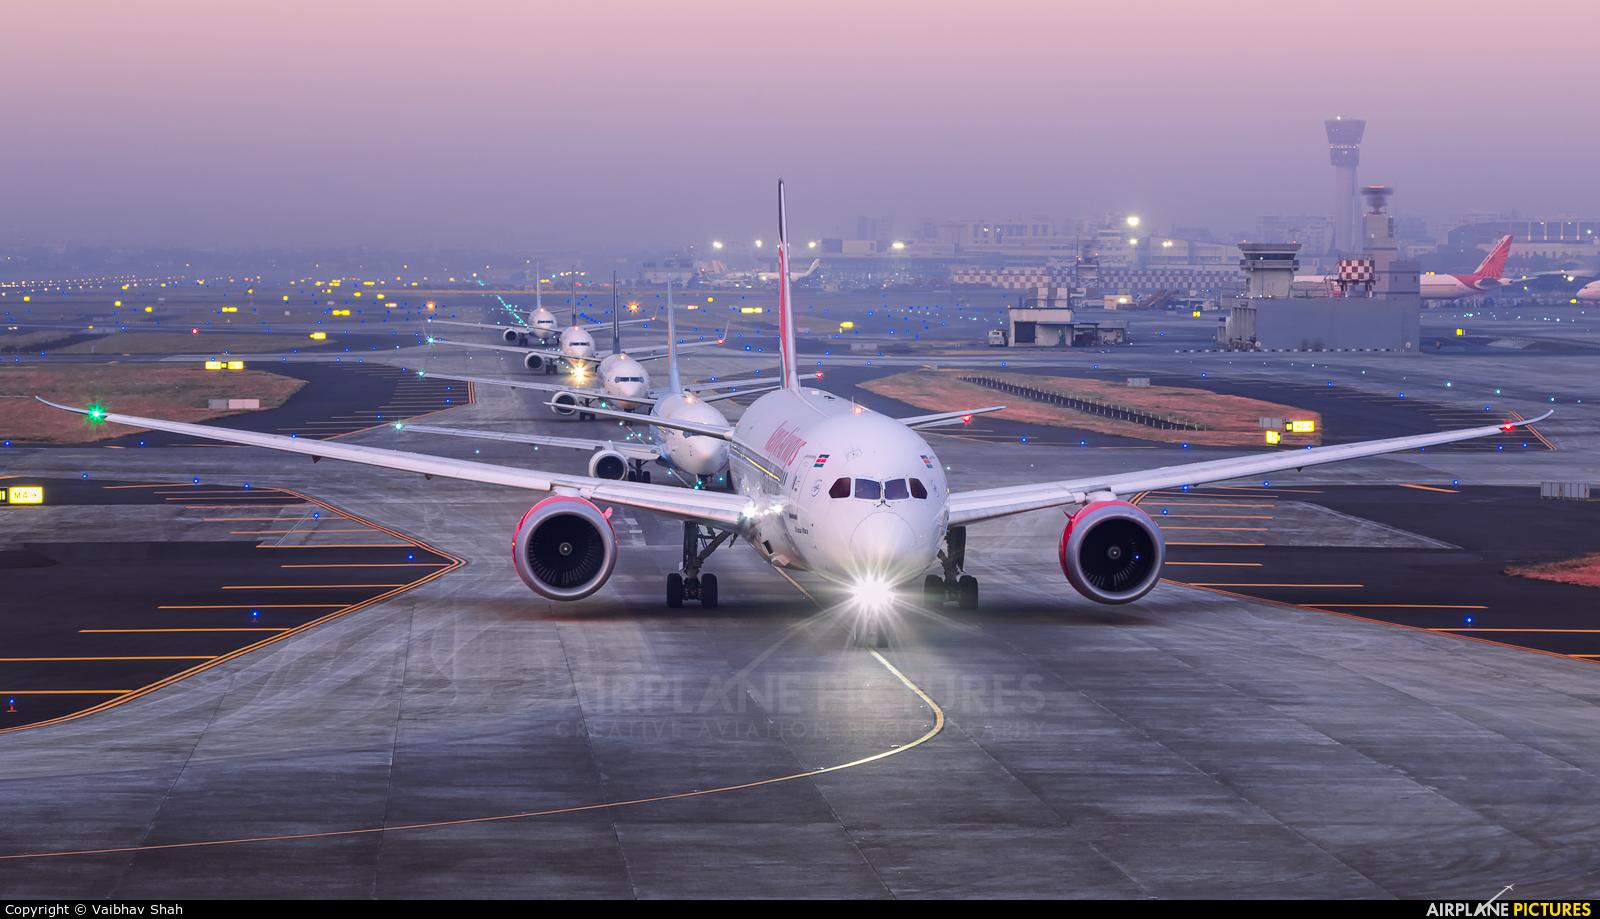 Kenya Airways 5Y-KZD aircraft at Mumbai - Chhatrapati Shivaji Intl